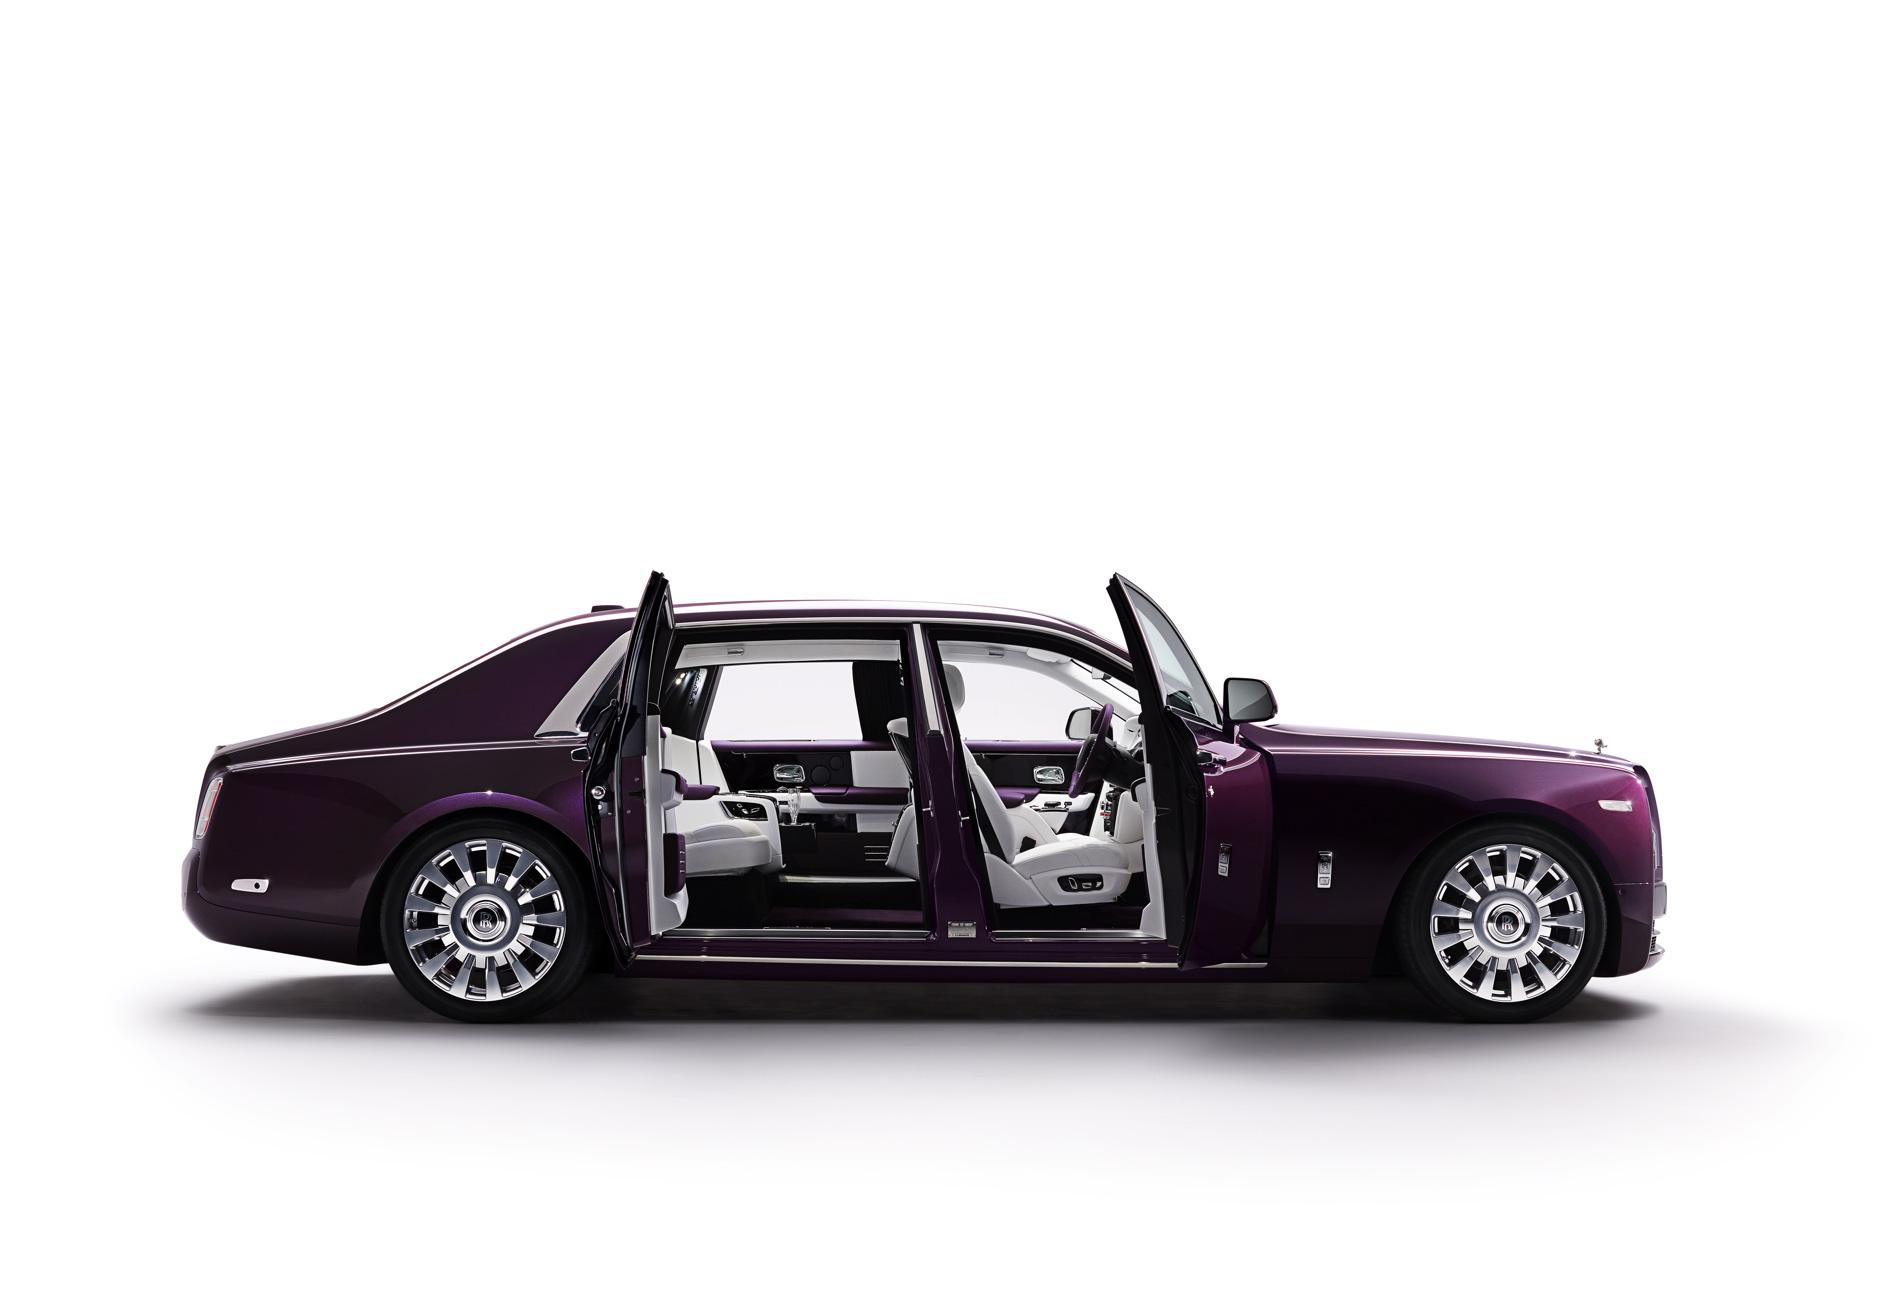 New-Rolls-Royce-Phantom-Extended-Wheelbase-10.jpg